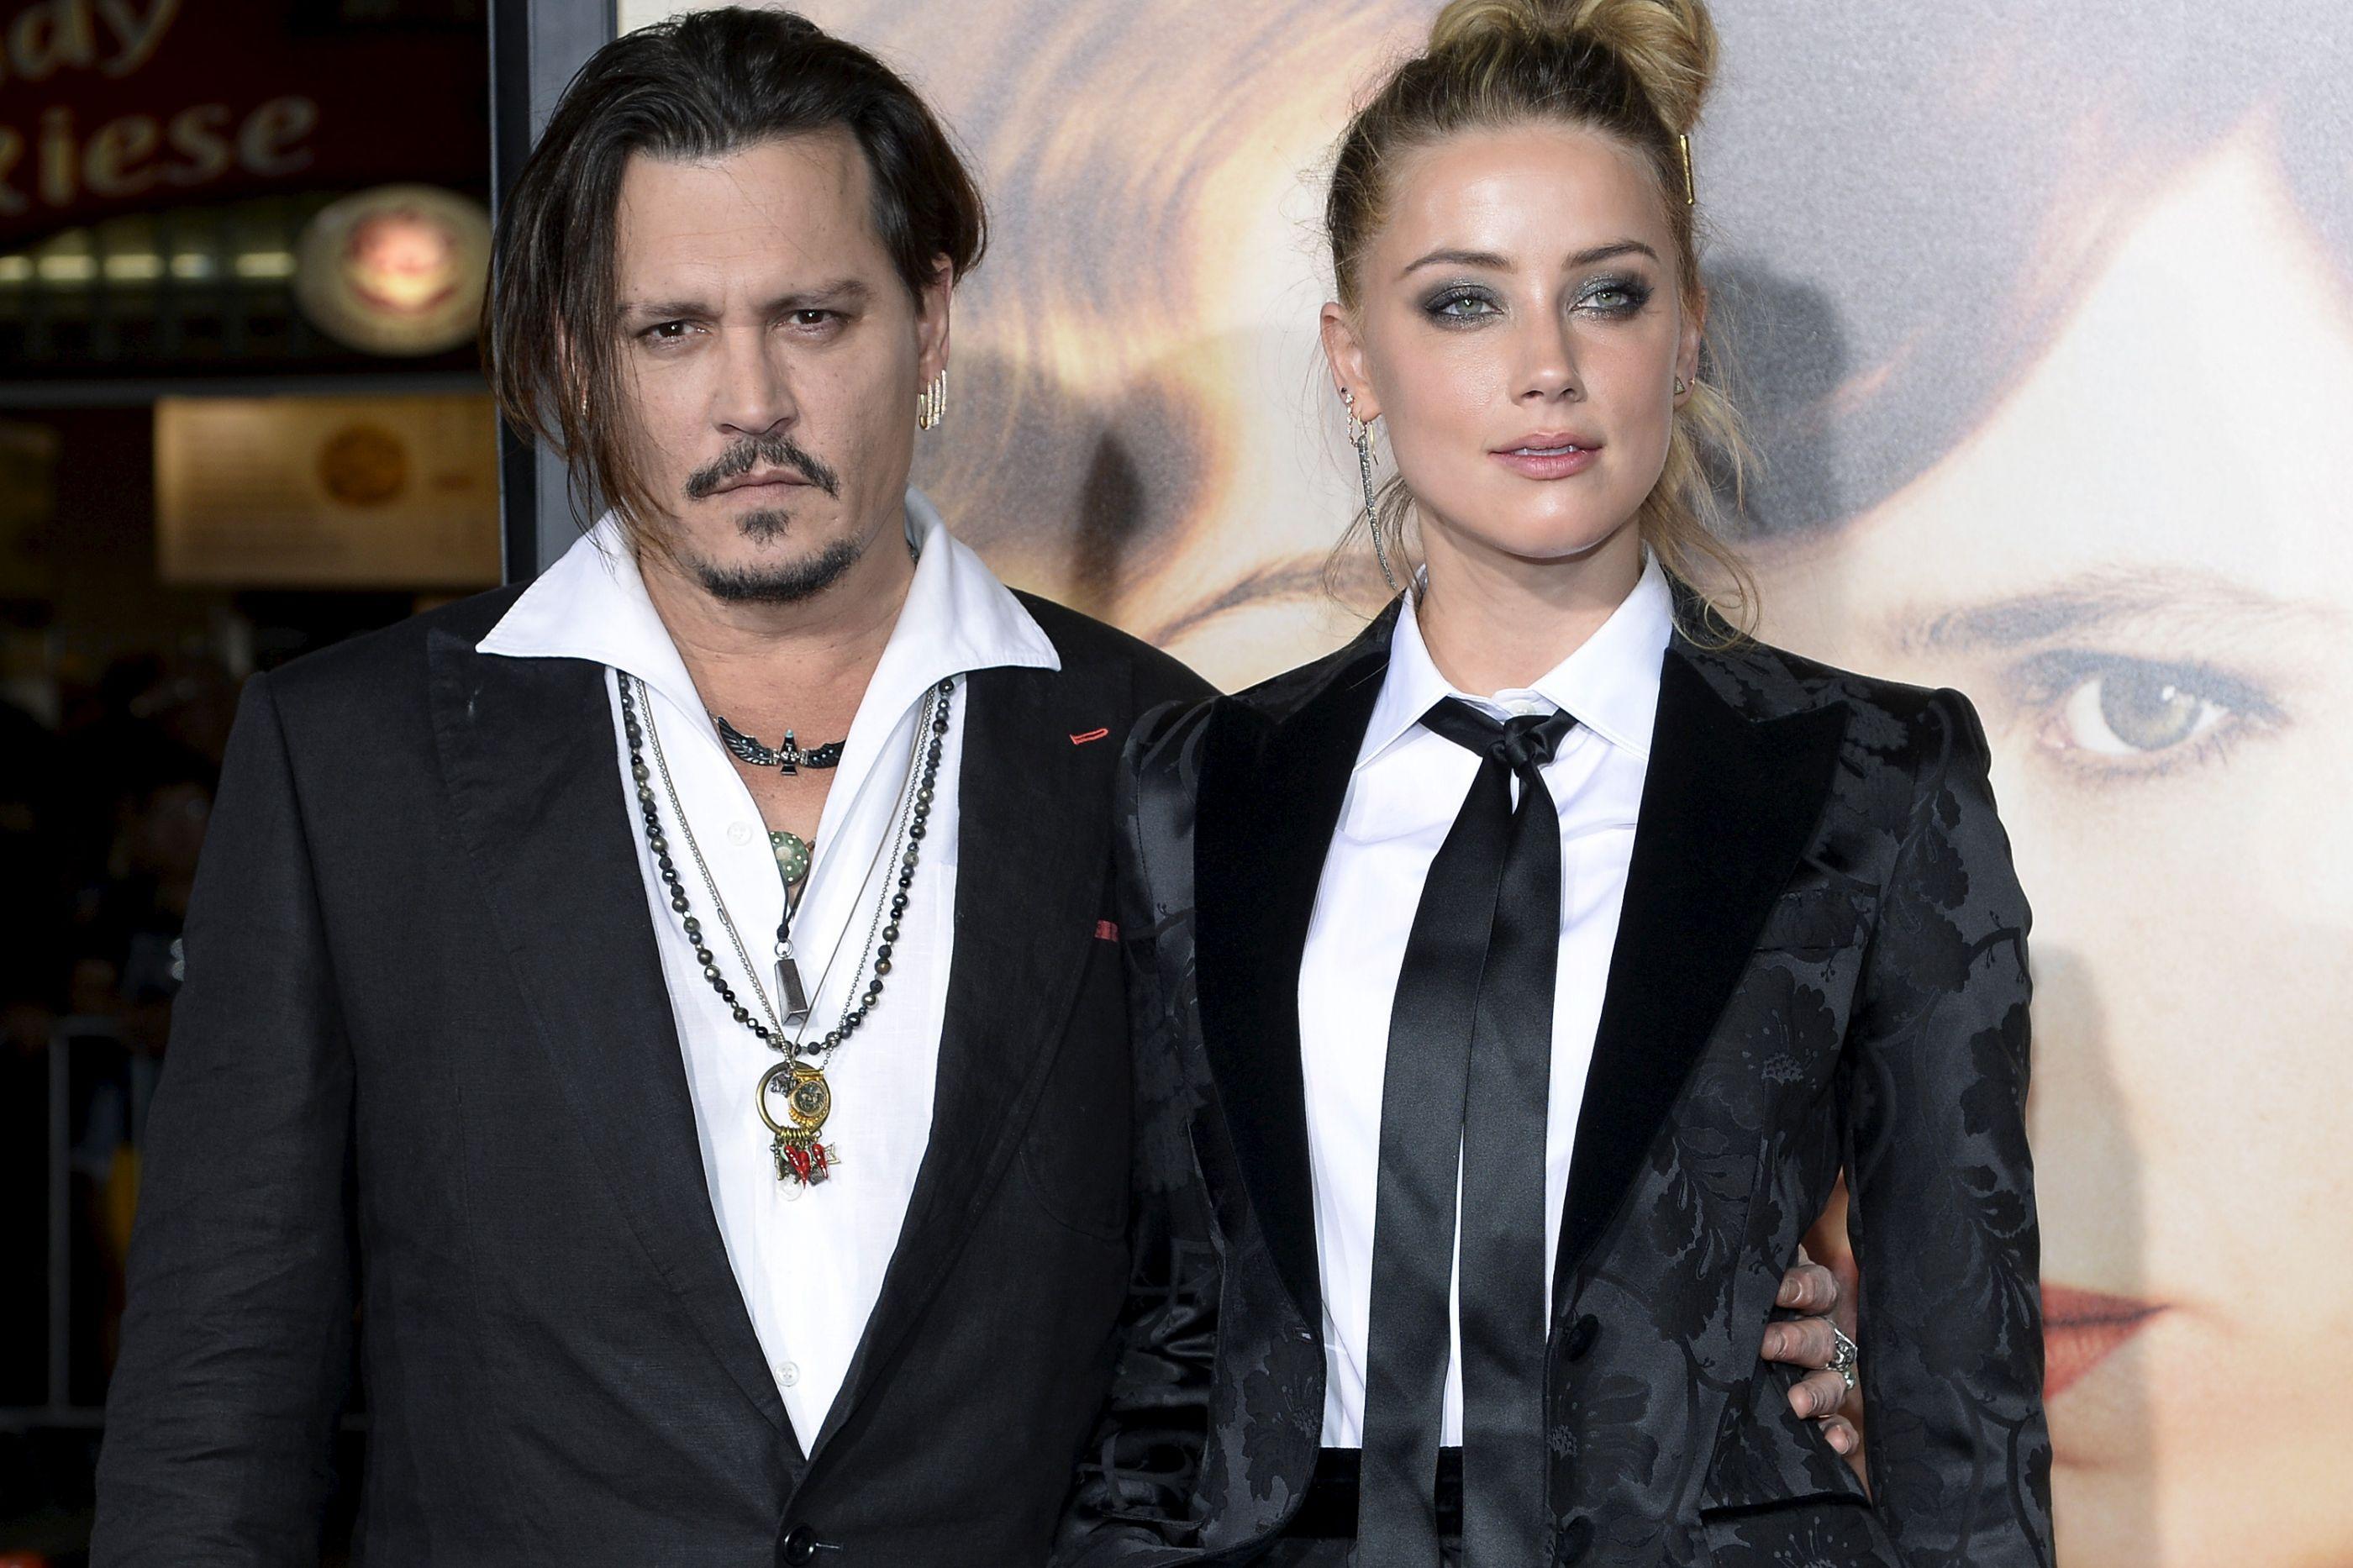 Agentes e Johnny Depp sabiam das agressões à ex-mulher